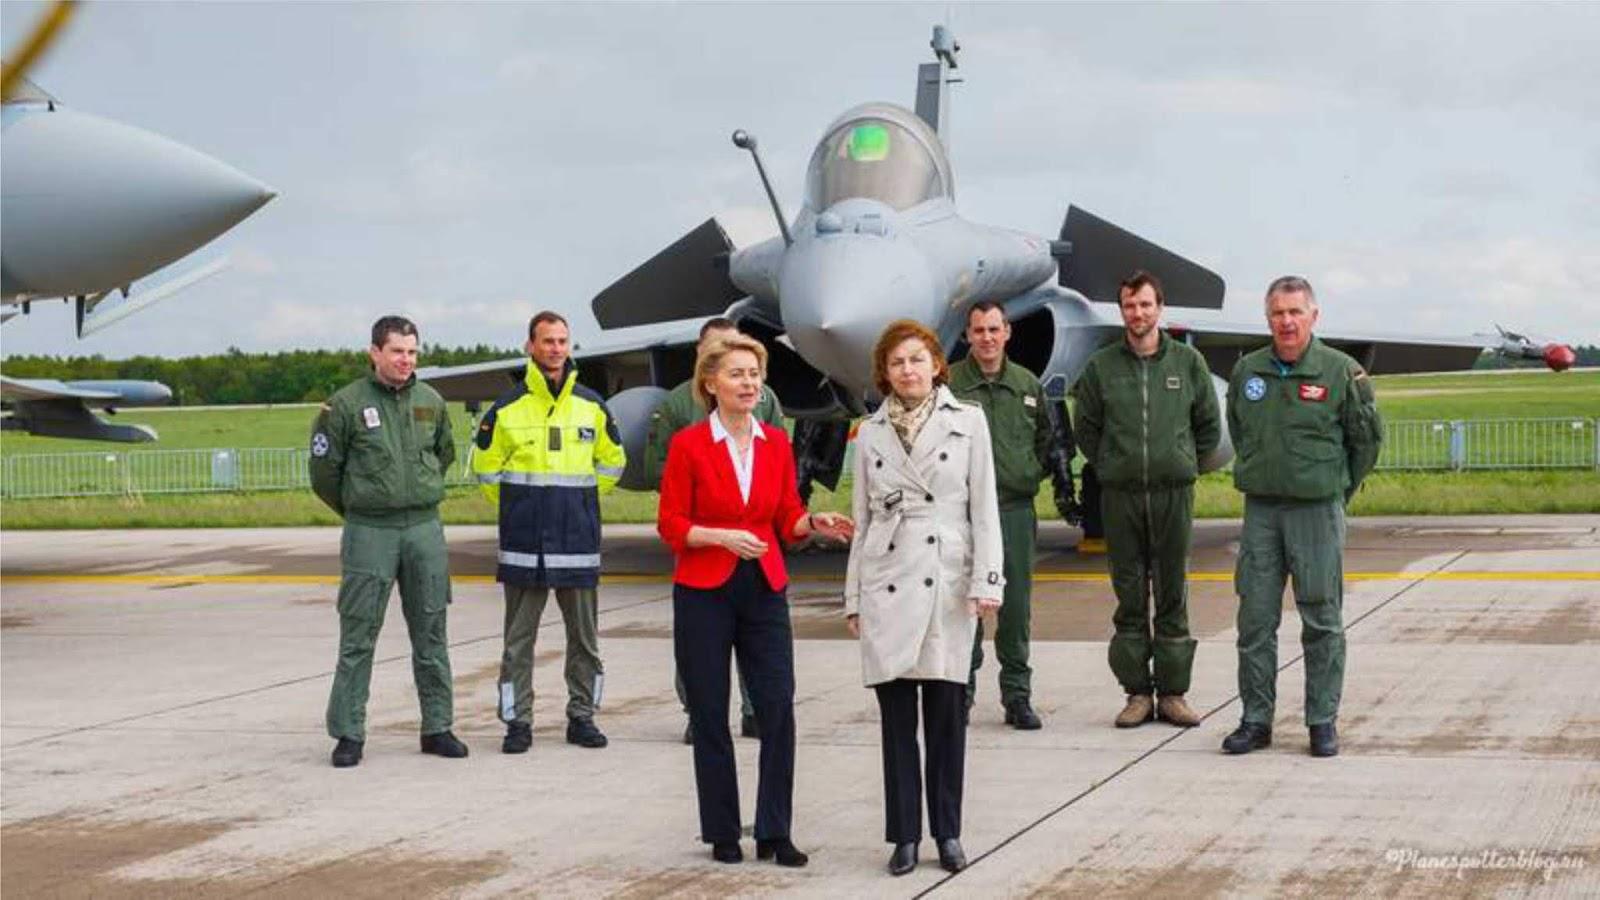 Jerman dan Prancis menandatangani kontrak untuk membuat pesawat tempur generasi keenam